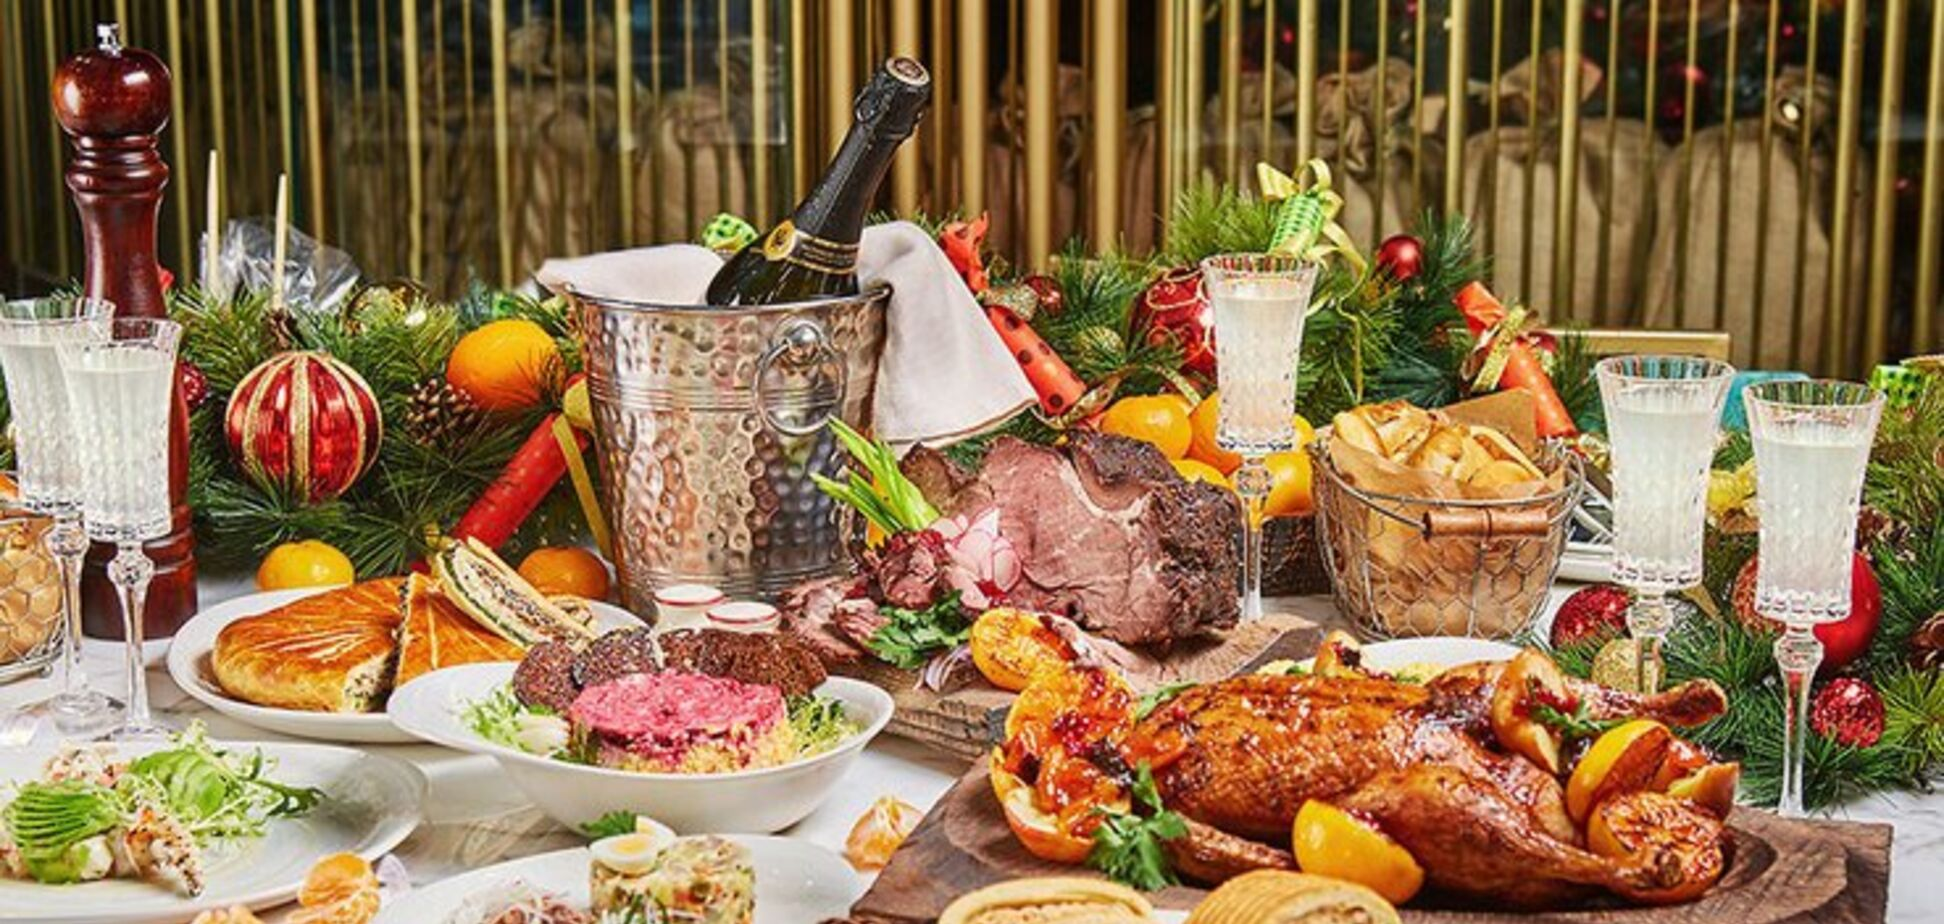 Новорічне меню 2020: рецепти смачних салатів і м'яса